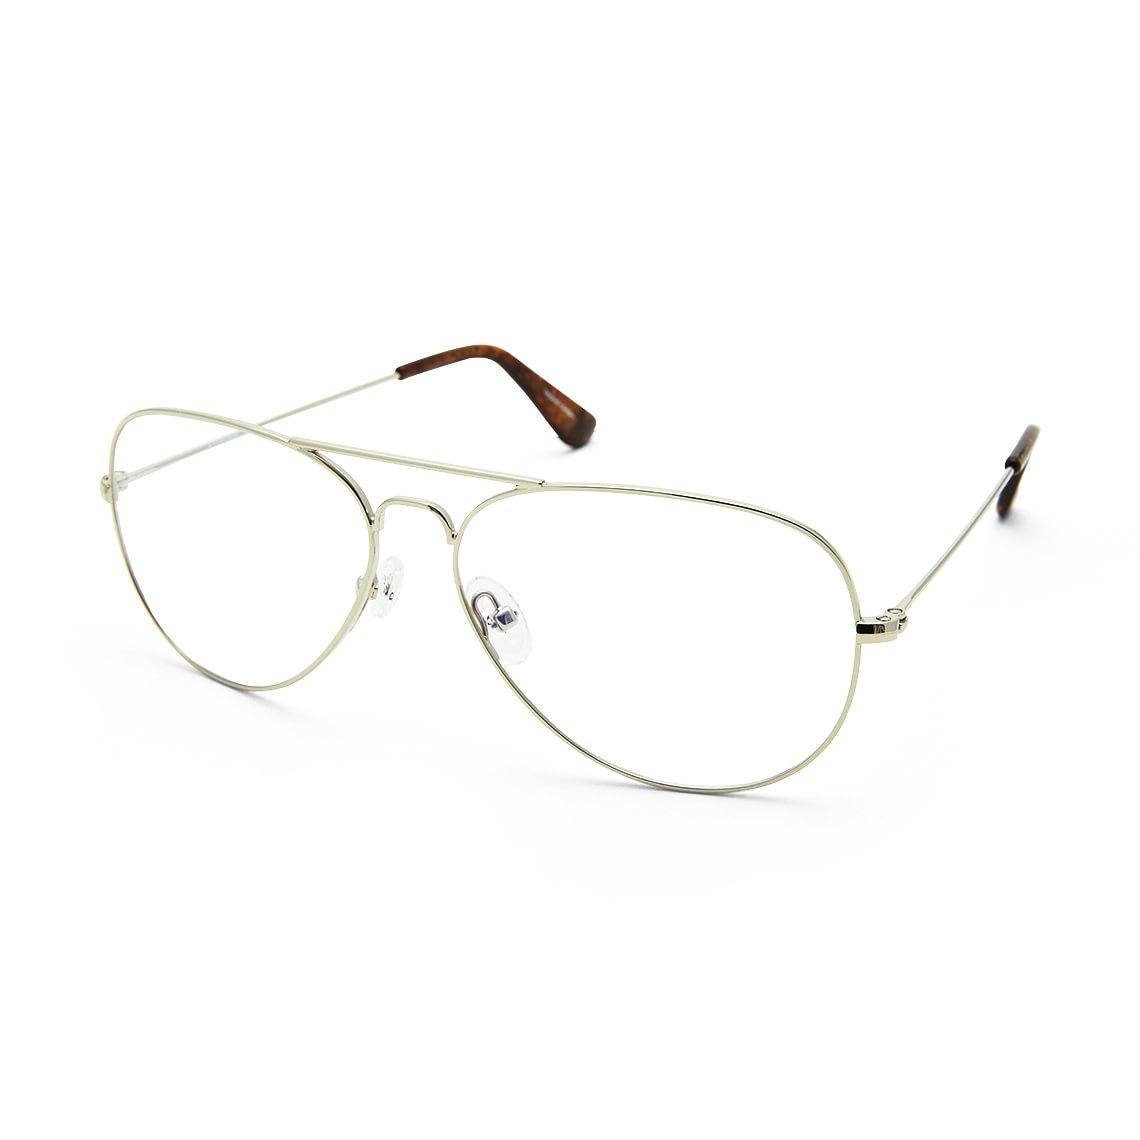 glasögon betalda av arbetsgivare